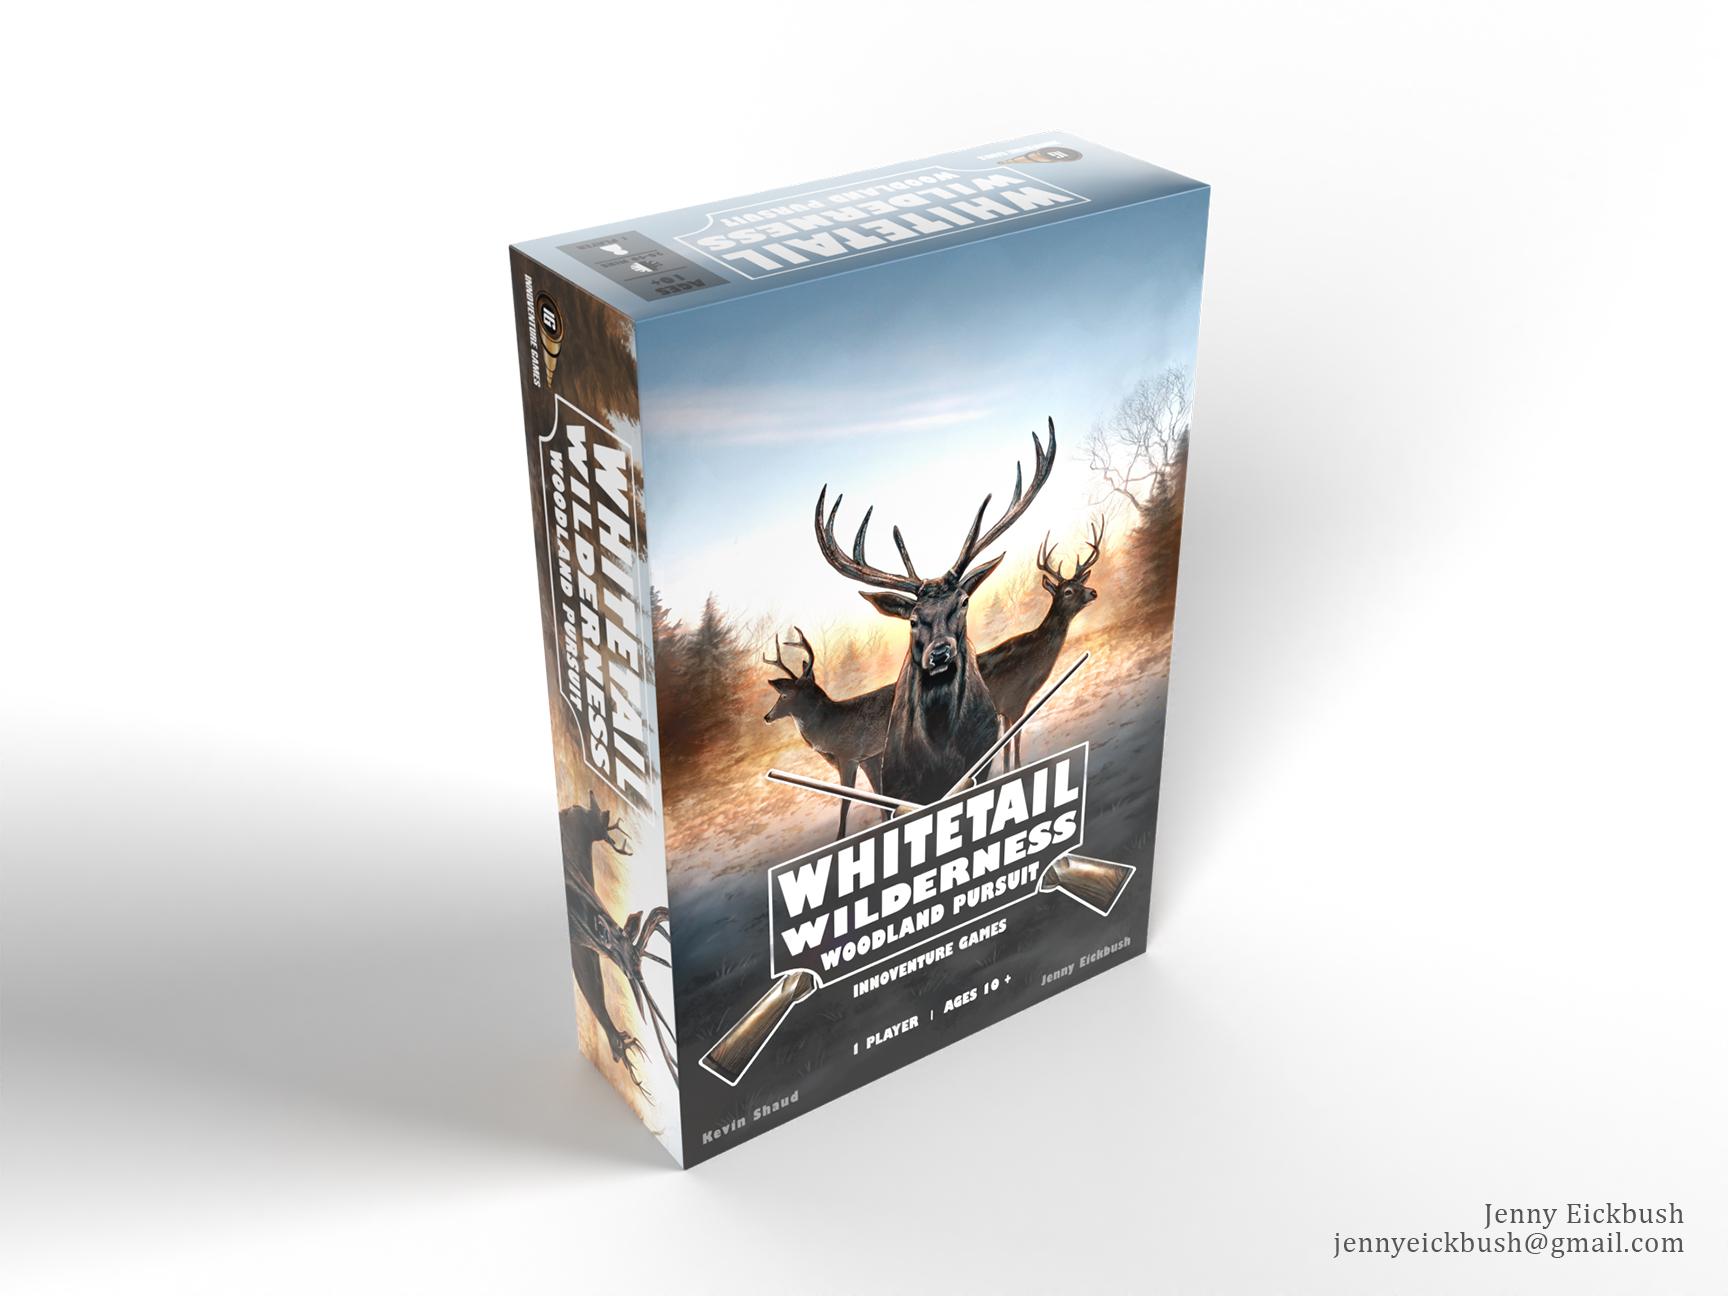 JennyEickbush_Whitetail Wilderness Box